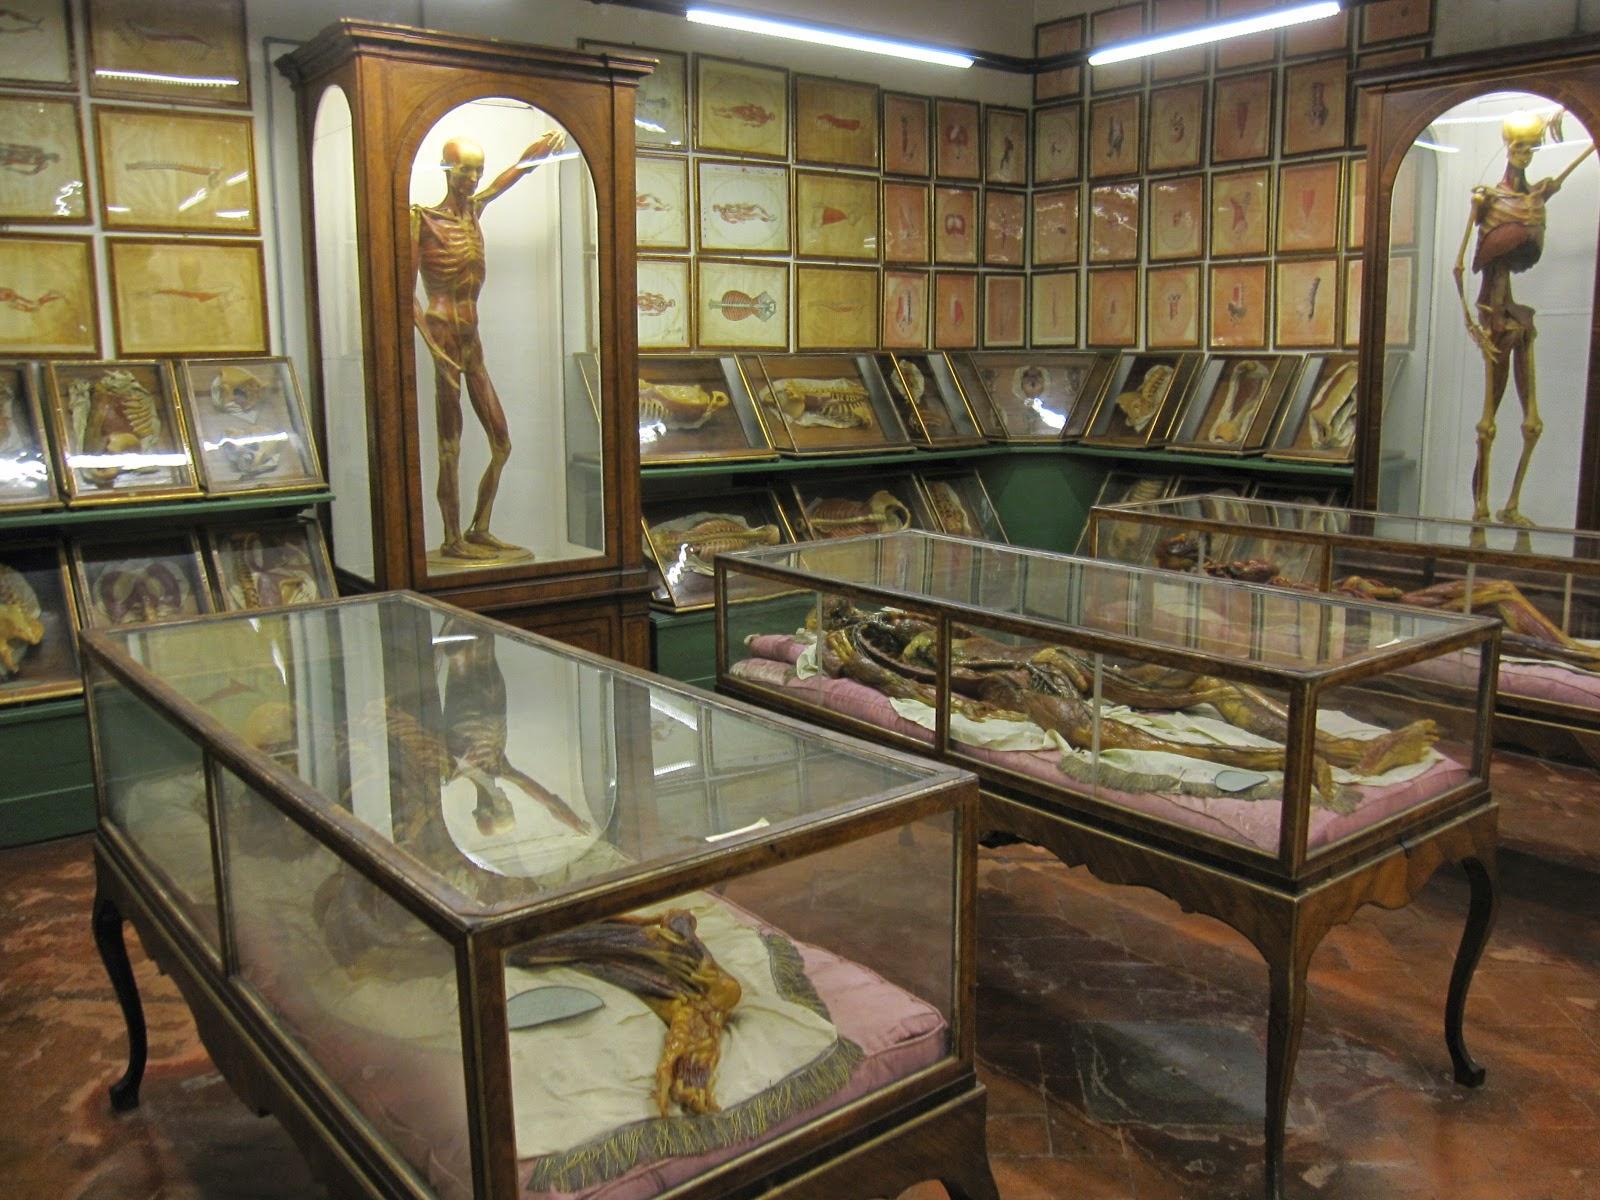 Un dermatólogo en el museo: El Museo della Specola. Florencia.